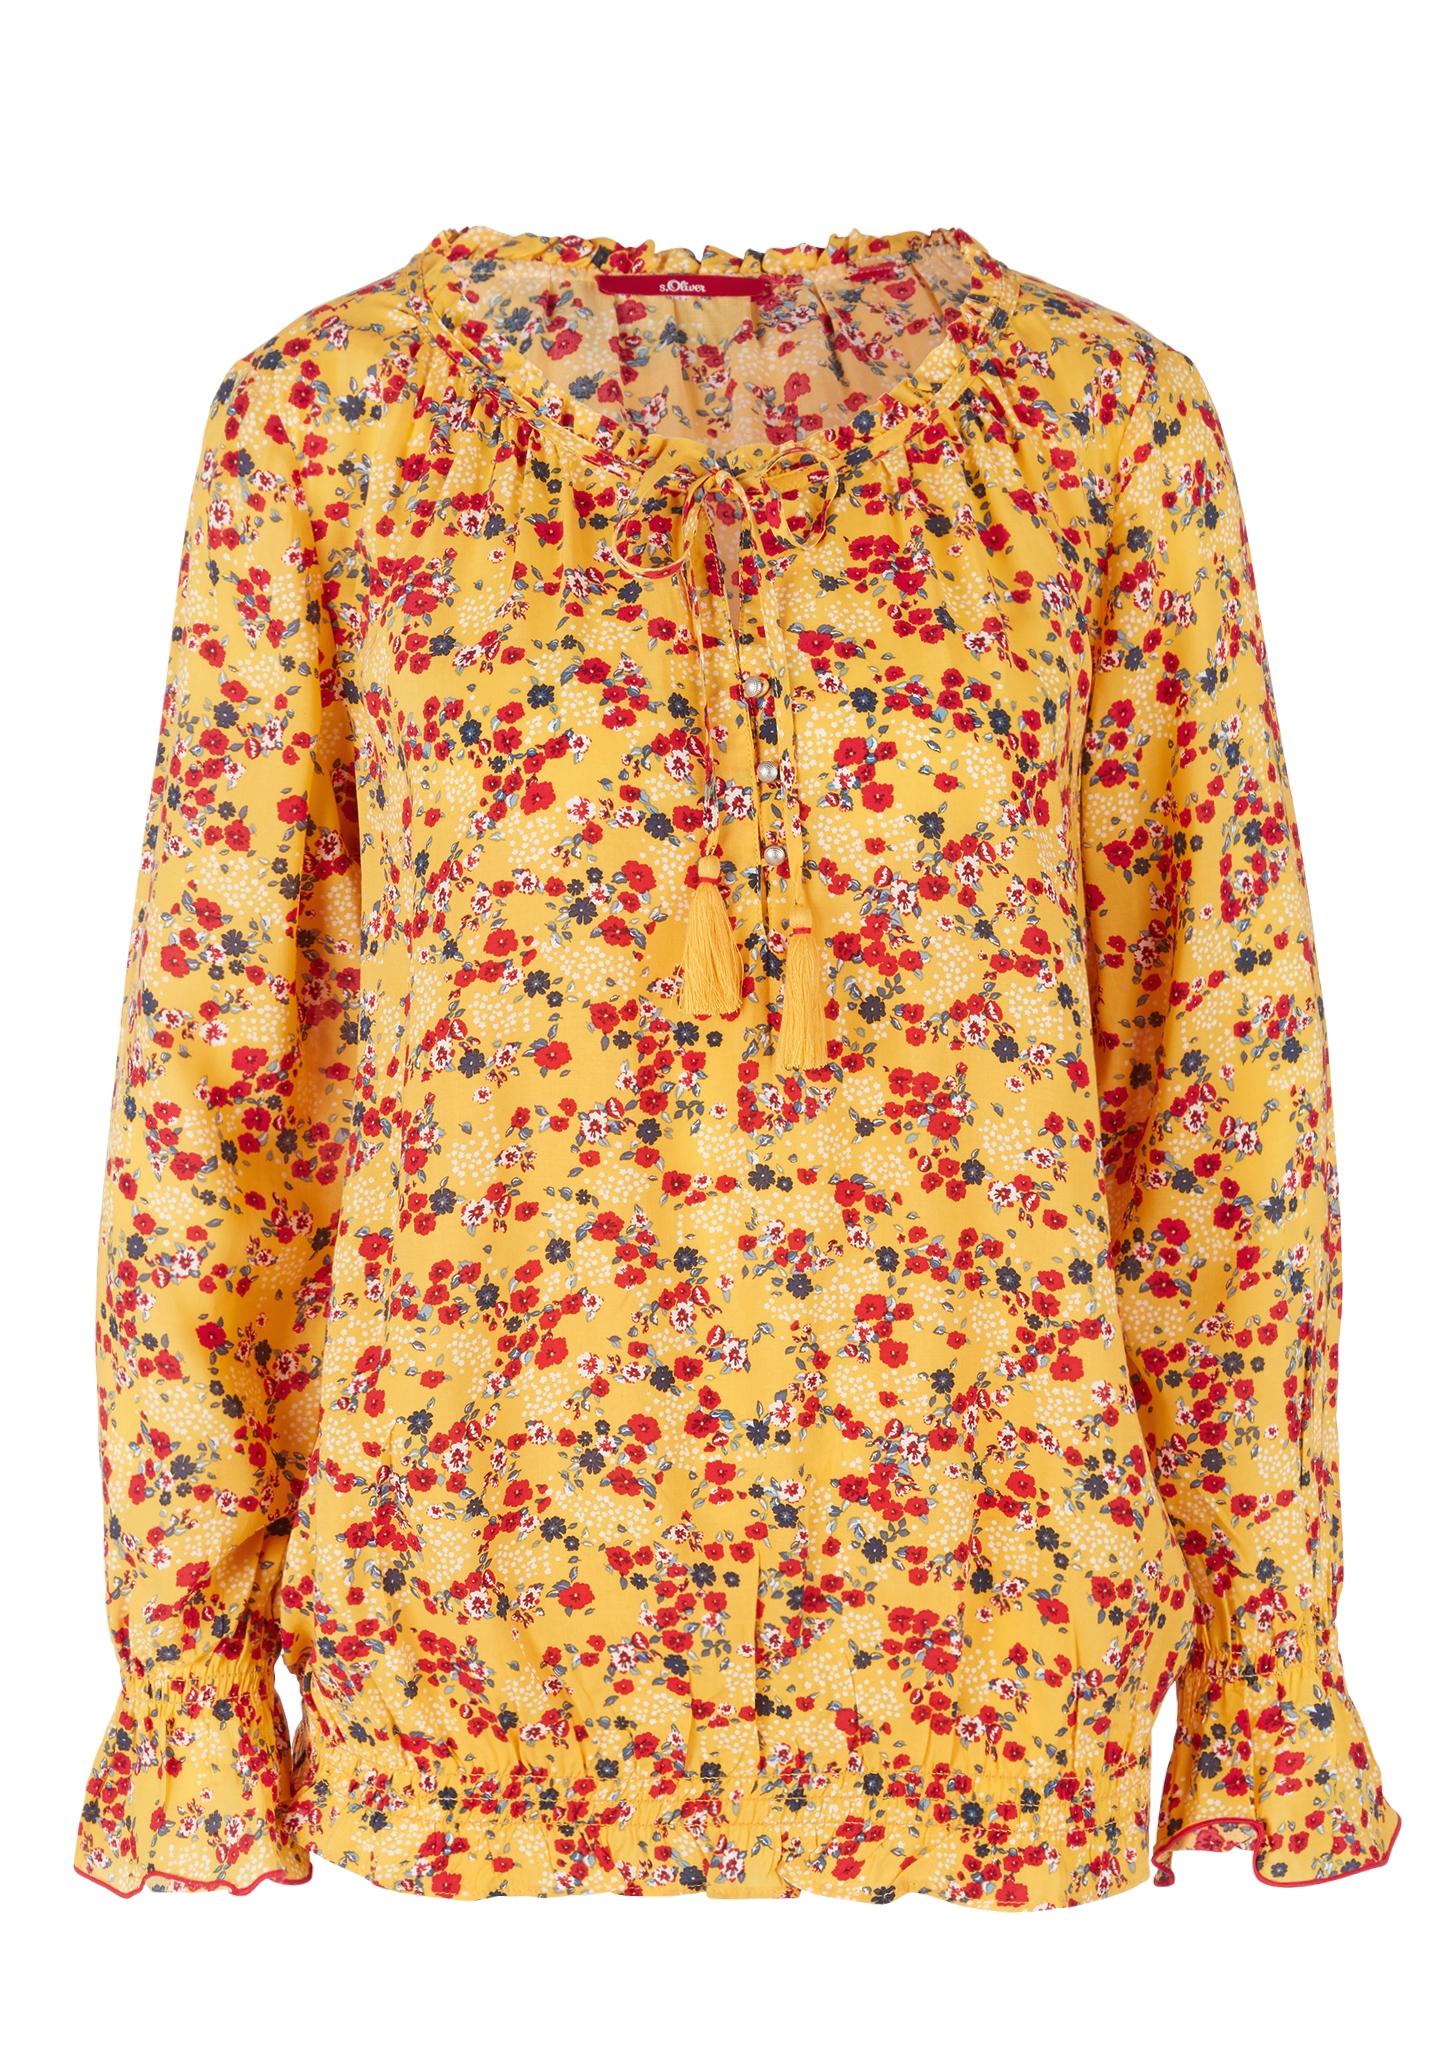 Rüschenbluse | Bekleidung > Blusen > Rüschenblusen | Gelb | 100% viskose | s.Oliver